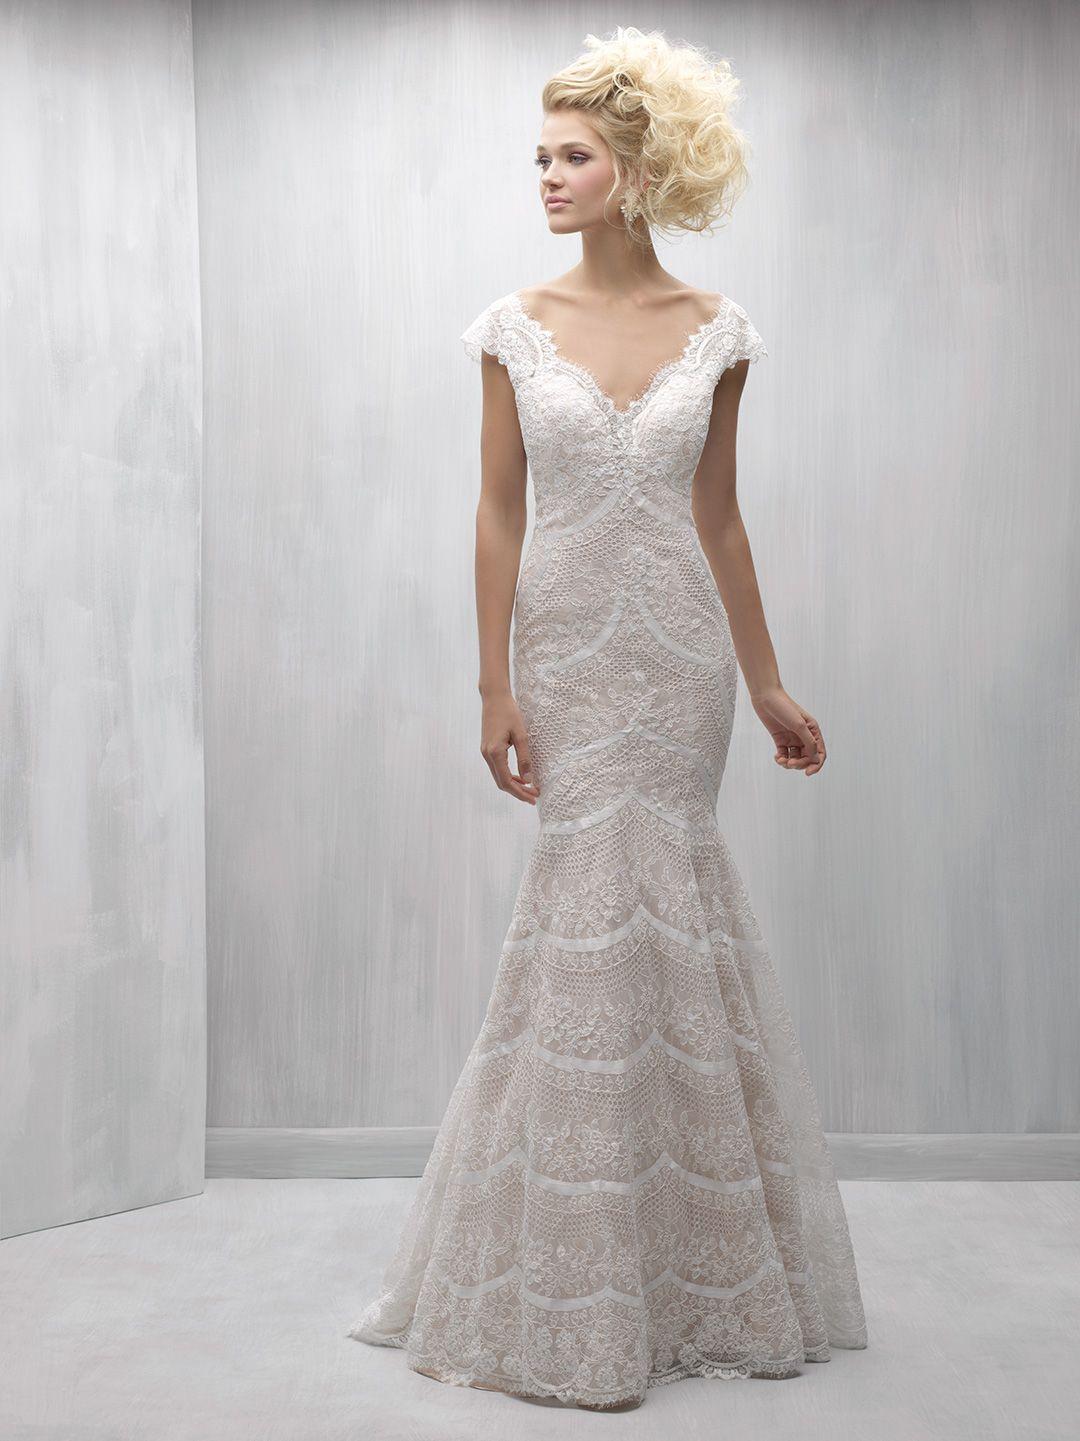 Ungewöhnlich Allure Brautkleider Zum Verkauf Bilder - Hochzeit Kleid ...